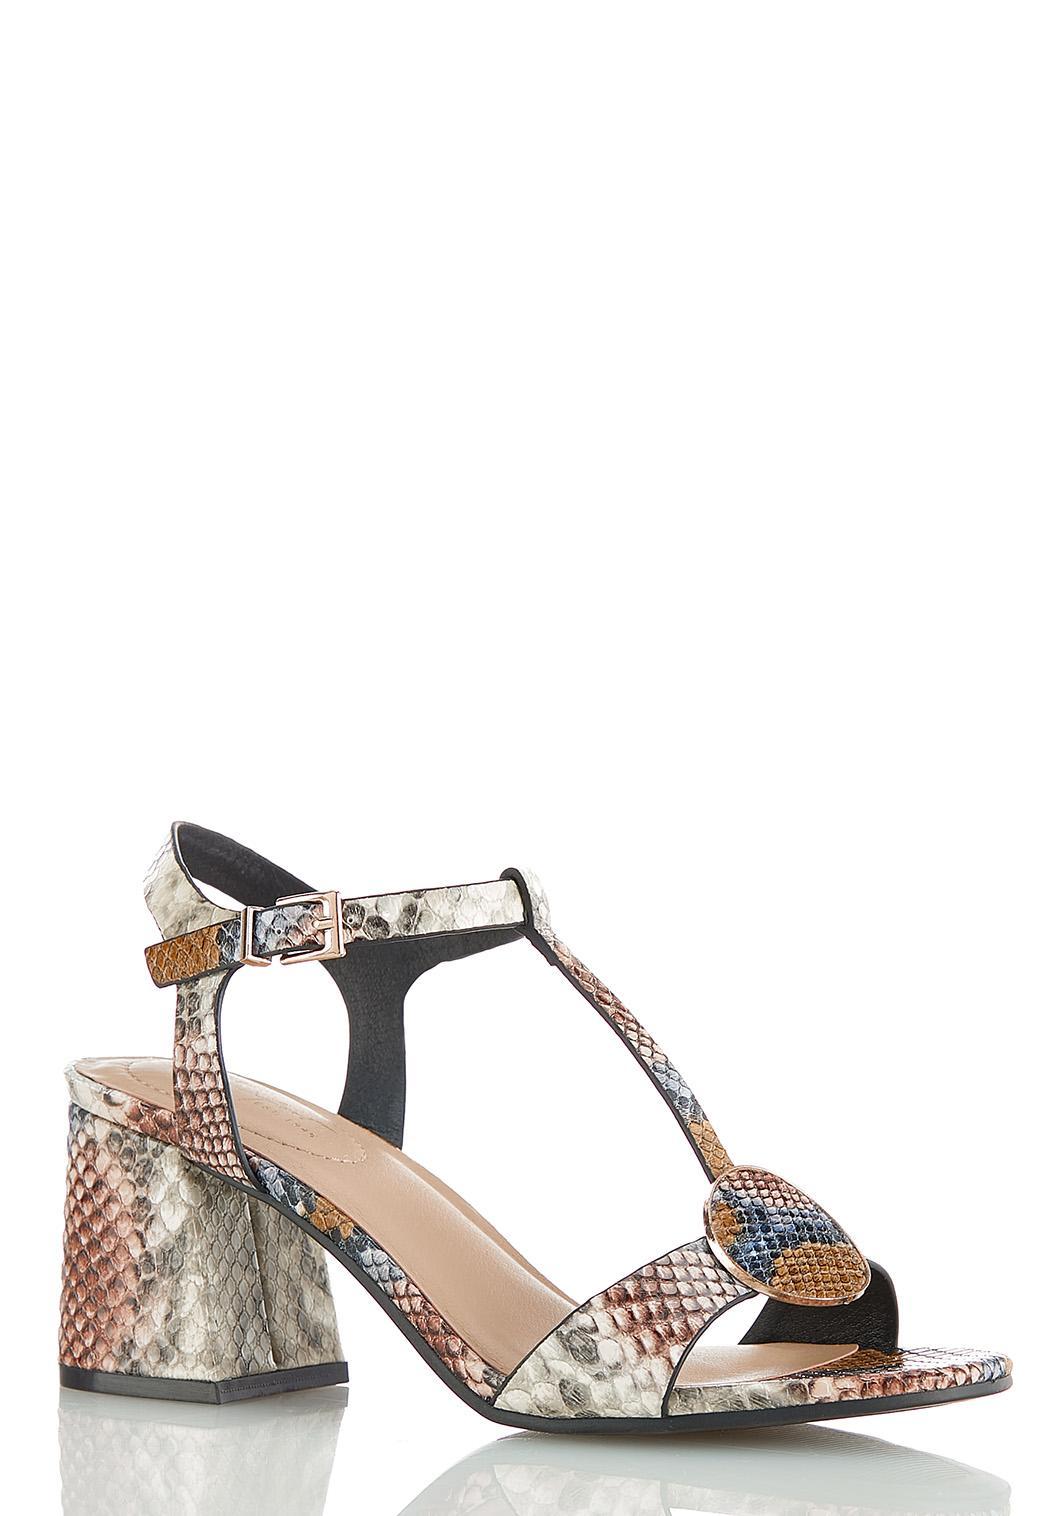 Snakeskin Heeled T-Strap Sandals